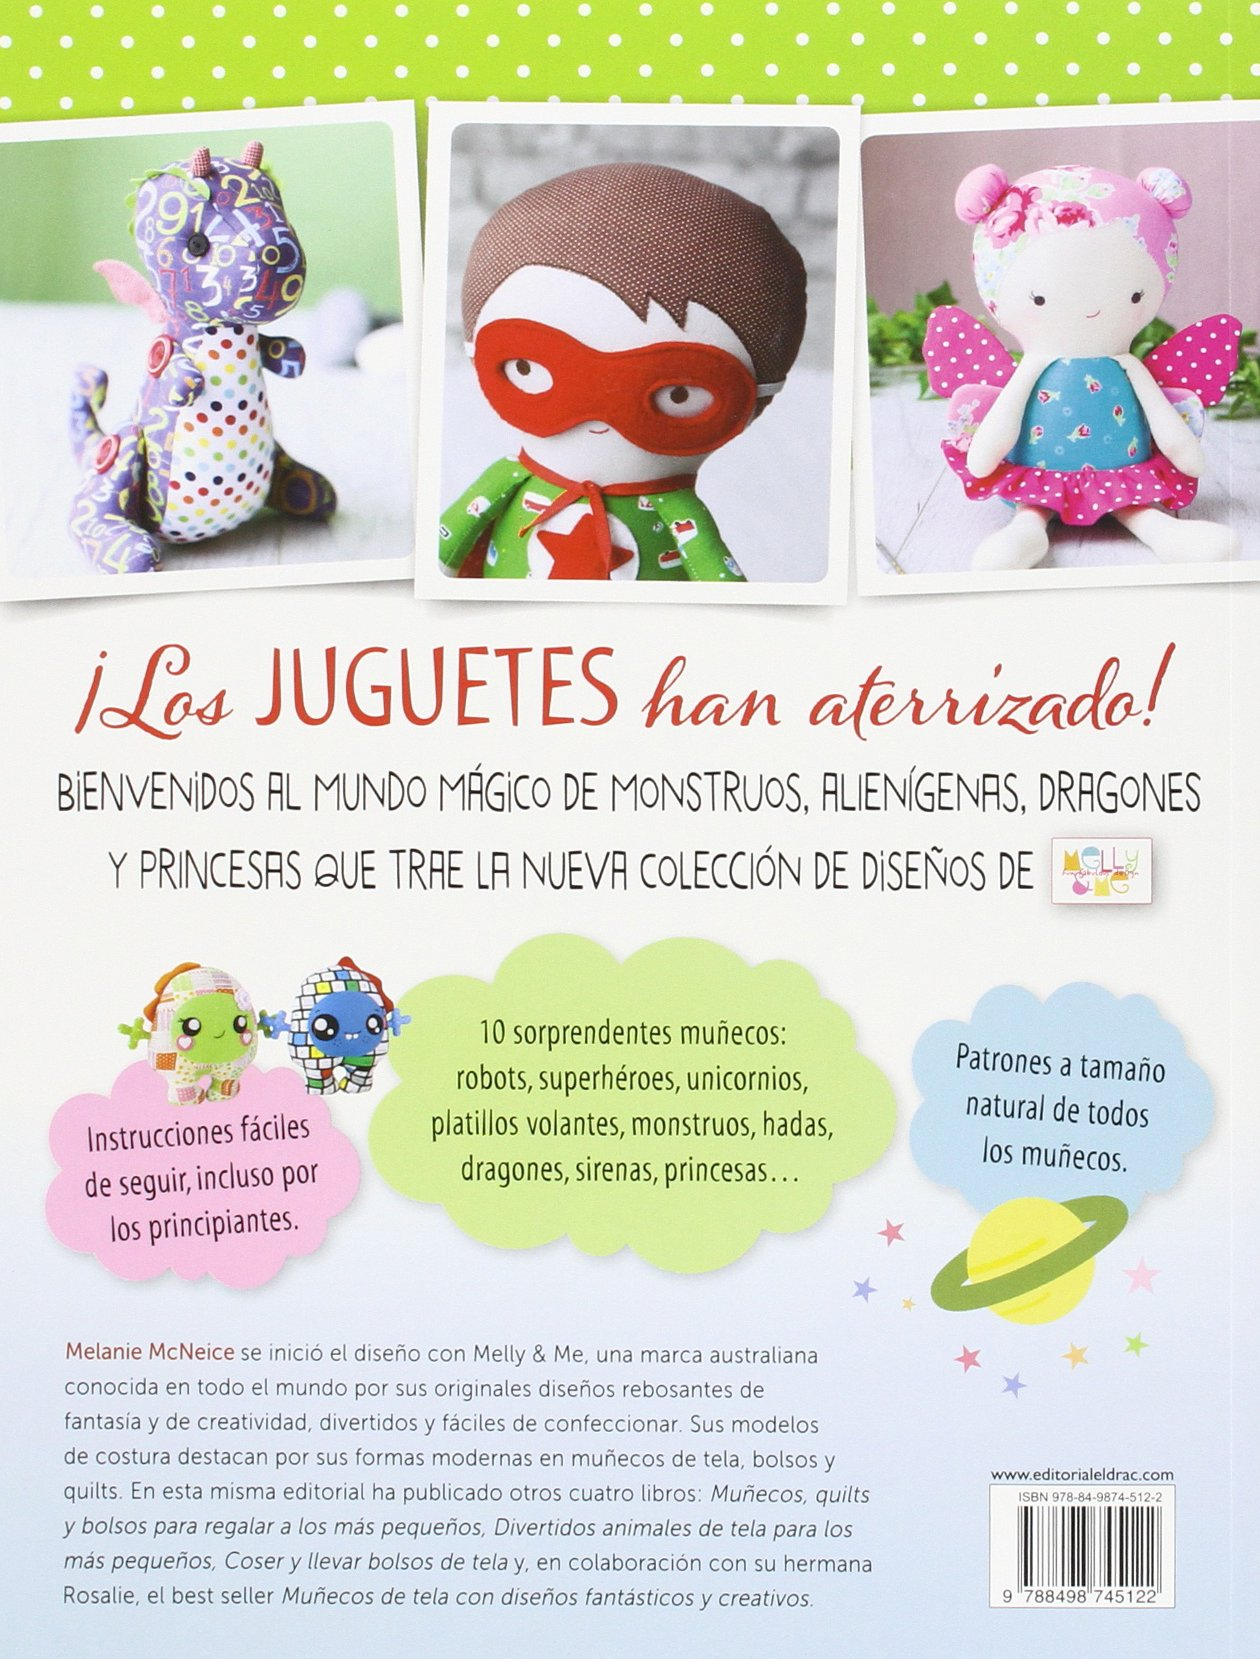 Muñecos Fantásticos De Tela: Amazon.es: Melanie McNeice, Laia ...